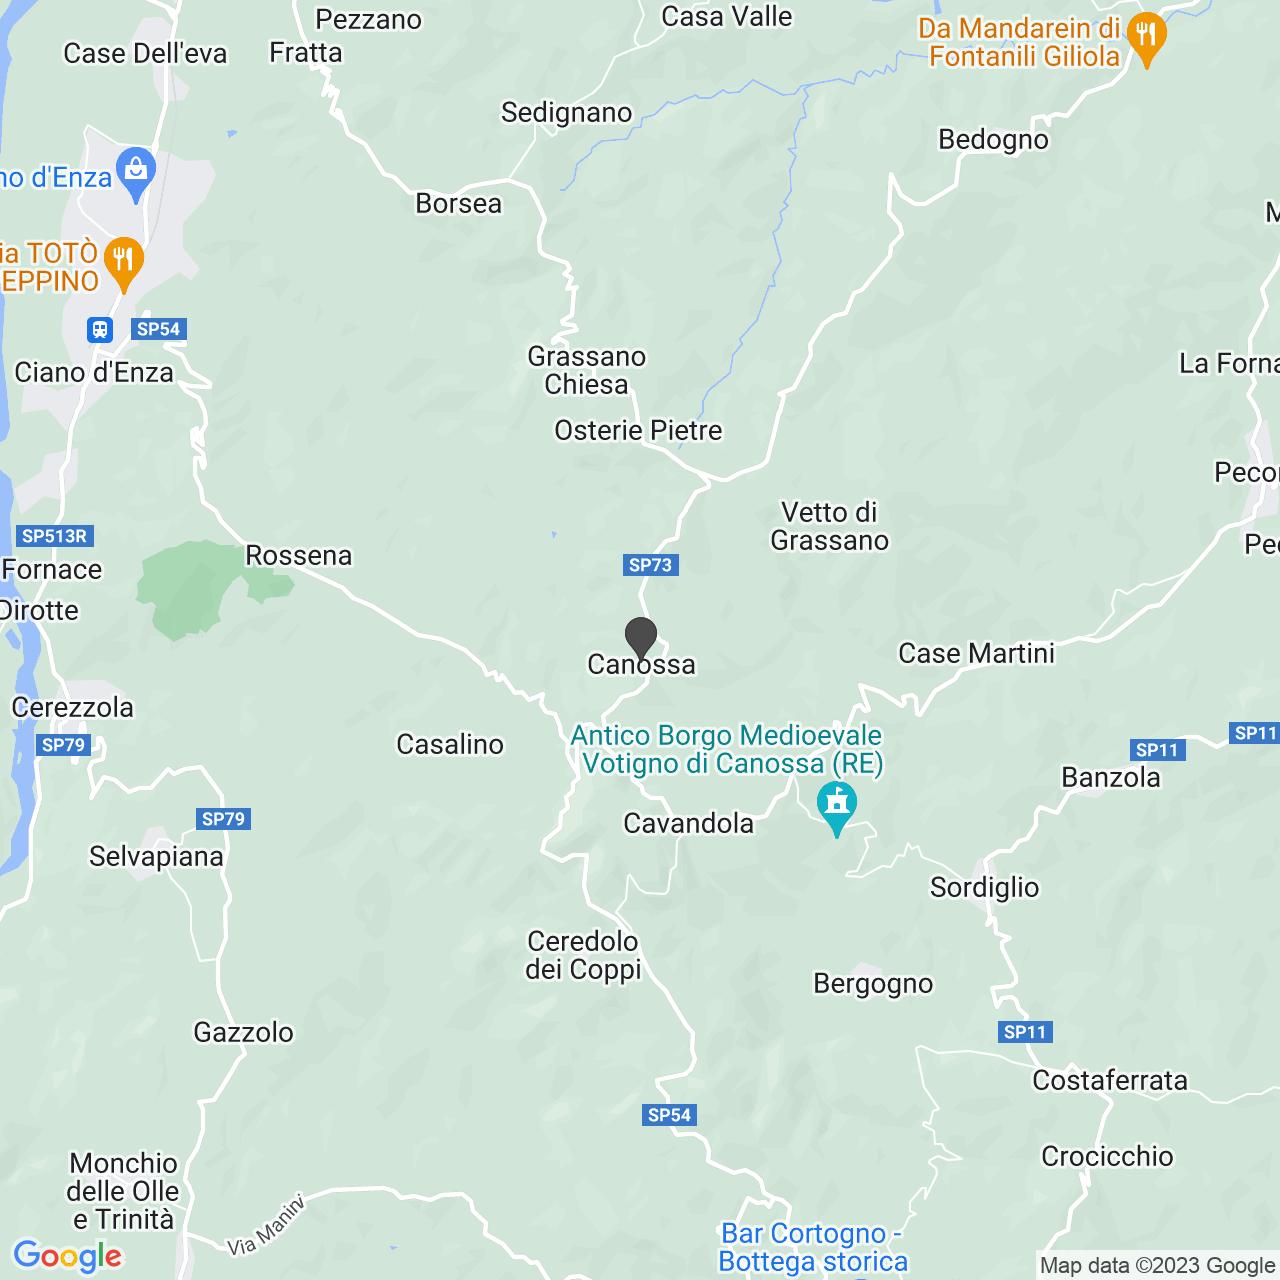 CROCE ROSSA ITALIANA - COMITATO DI CANOSSA - ORGANIZZAZIONE DI VOLONTARIATO